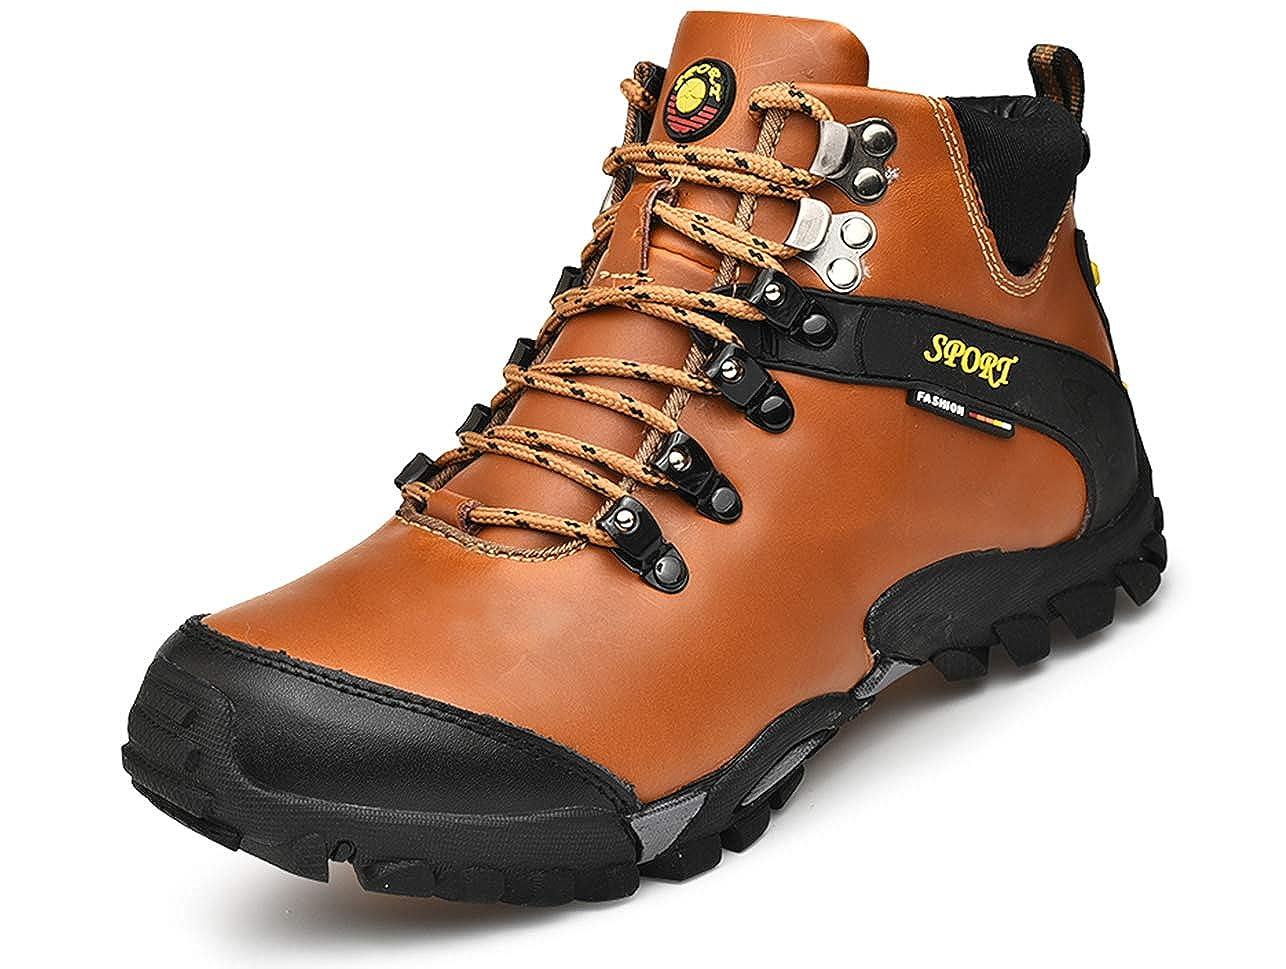 GJRRX Herren Atmungsaktiv Outdoor Off-Road Running Wandern Schuhe Trekking Camping Turnschuhe Lace-up High-top Sports Casual Footwear Wanderschuhe Trekking Mä nner Wasserdicht Outdoorschuhe 39-46